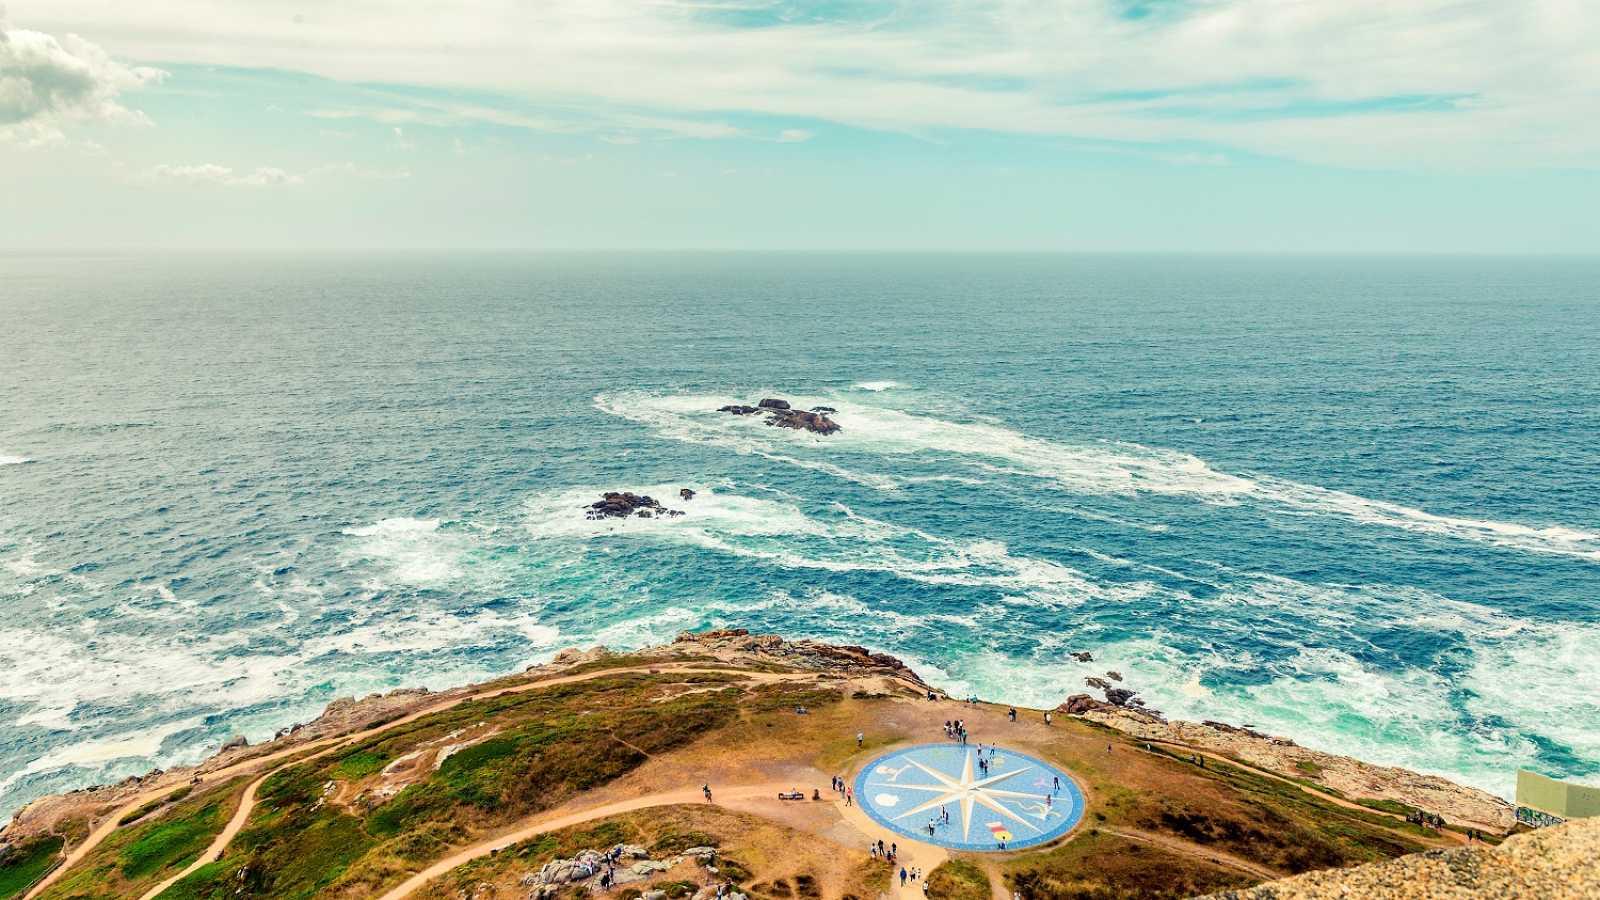 Viento fuerte en el litoral gallego y área del Estrecho - Ver ahora